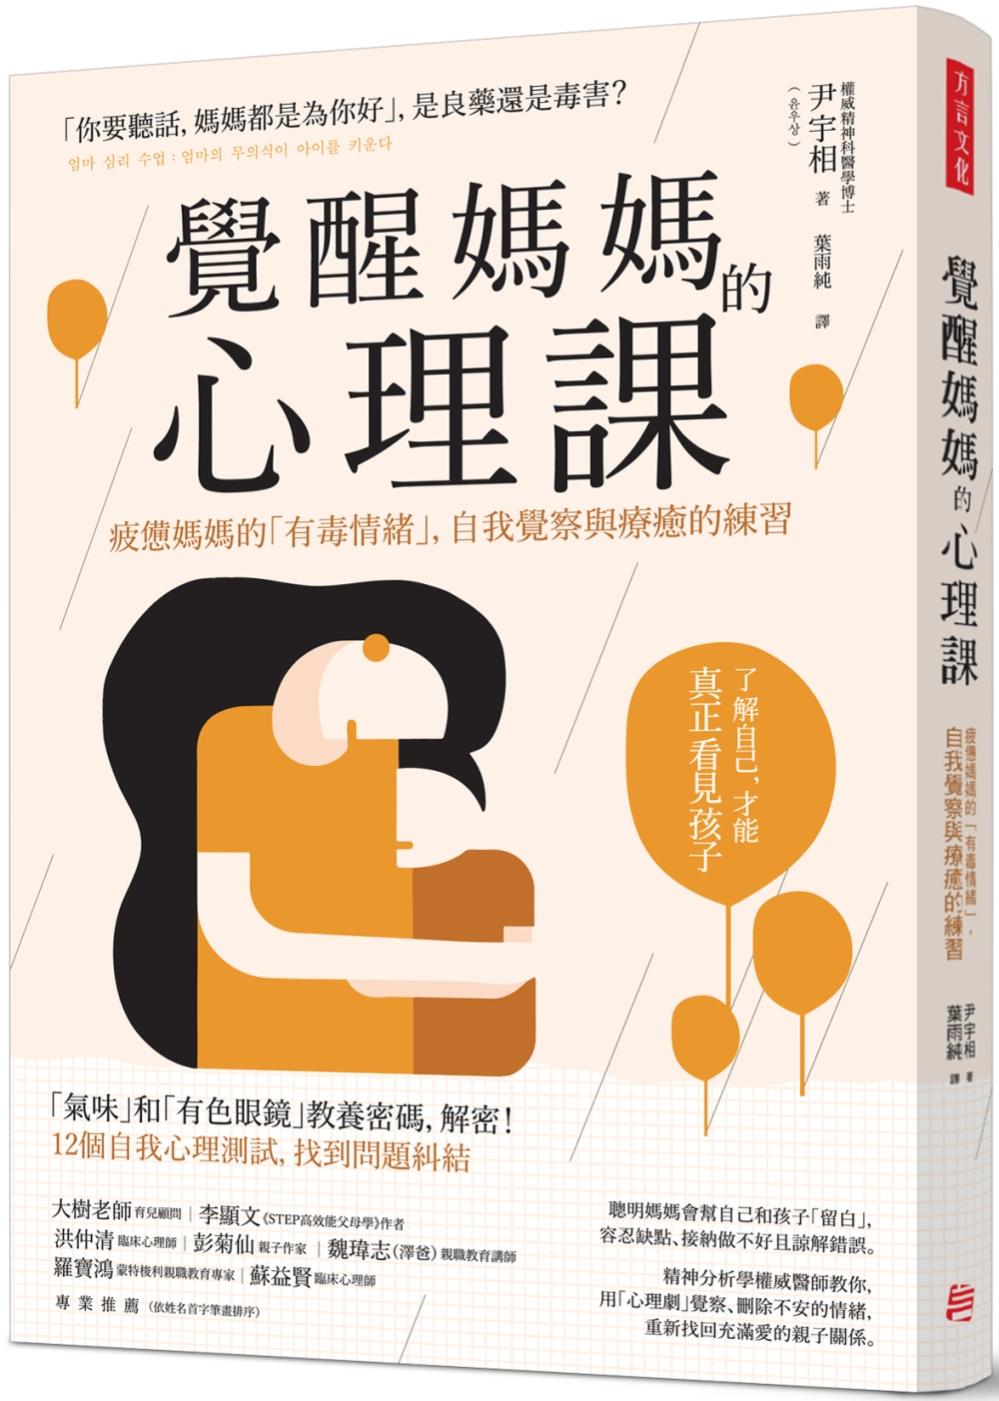 覺醒媽媽的心理課:疲憊媽媽的「有毒情緒」,自我覺察與療癒的練習